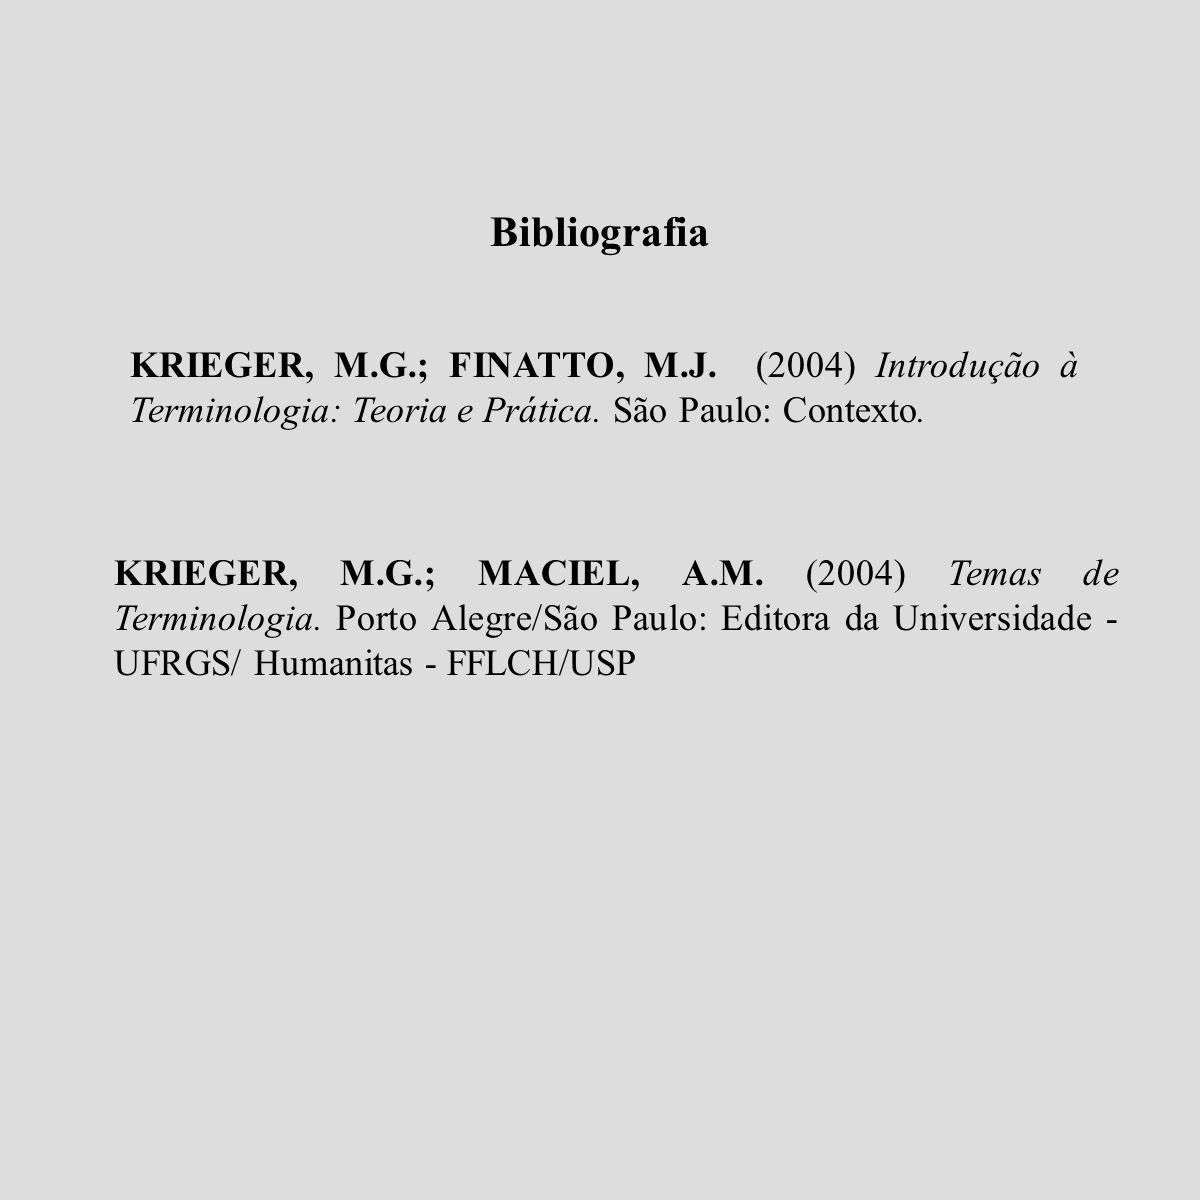 Bibliografia KRIEGER, M.G.; FINATTO, M.J. (2004) Introdução à Terminologia: Teoria e Prática. São Paulo: Contexto. KRIEGER, M.G.; MACIEL, A.M. (2004)